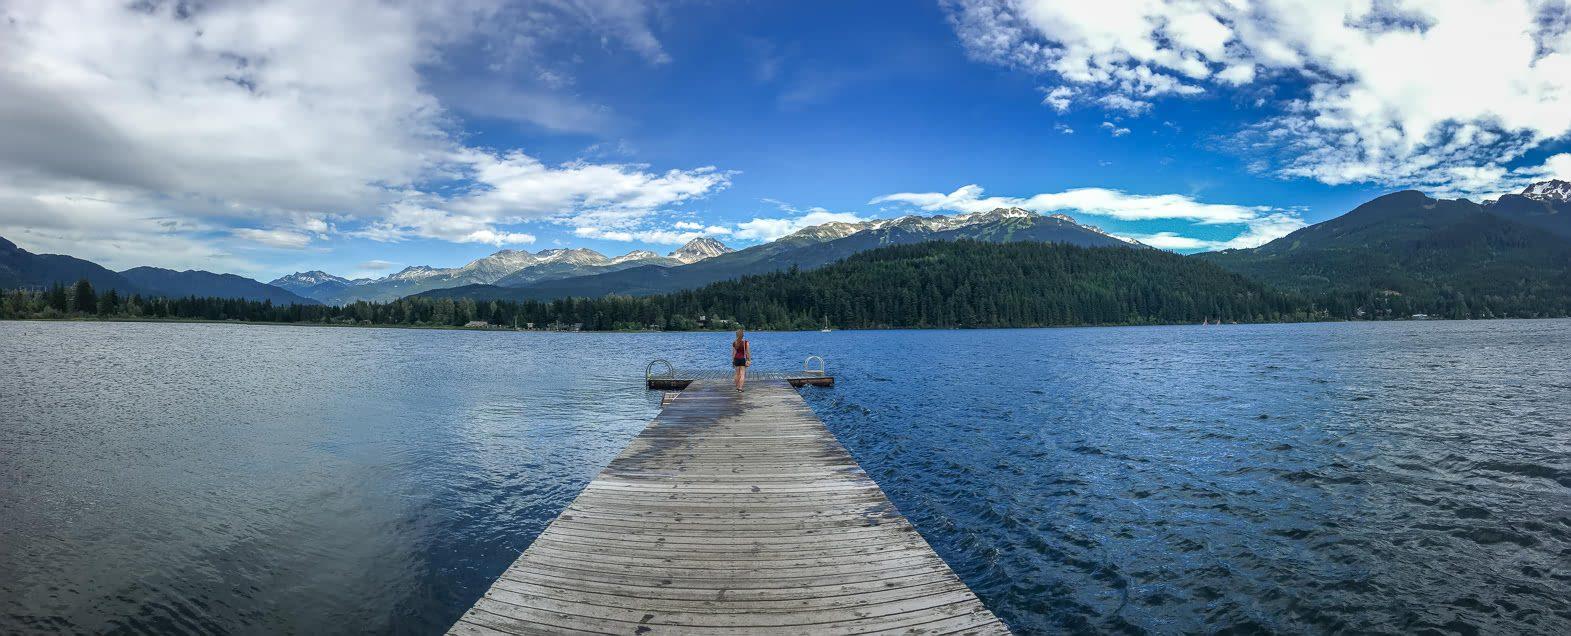 Alta Lake near Whistler